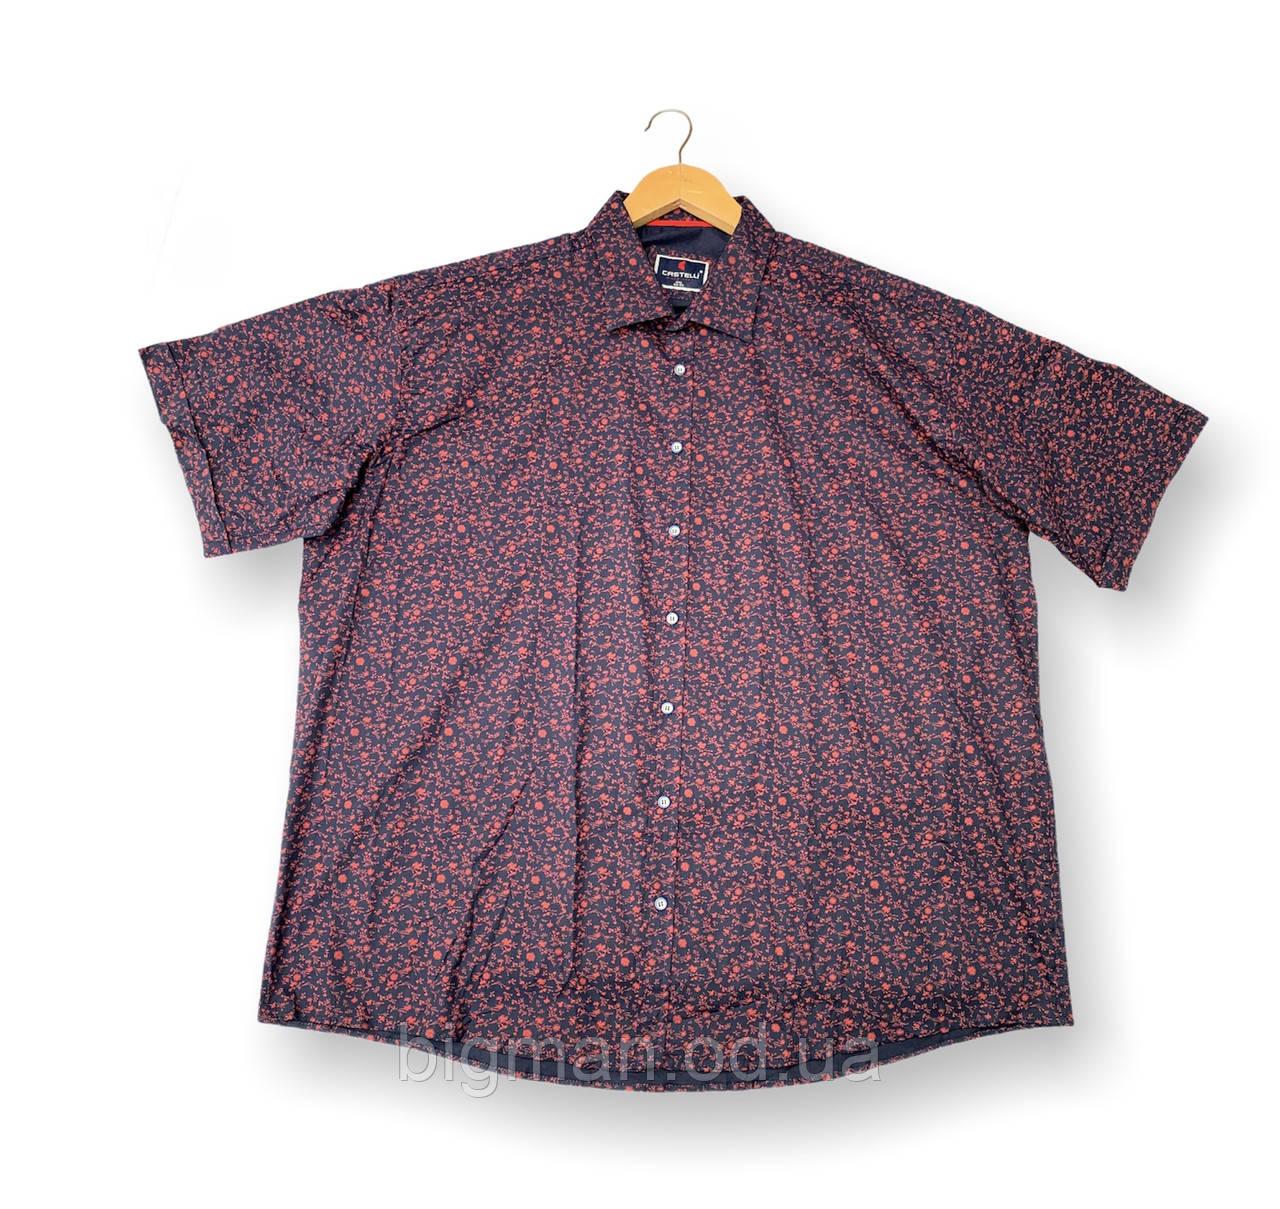 Чоловіча сорочка з коротким рукавом батальна бордова великі розміри (2XL 3XL 4XL 6XL) Туреччина Castelli